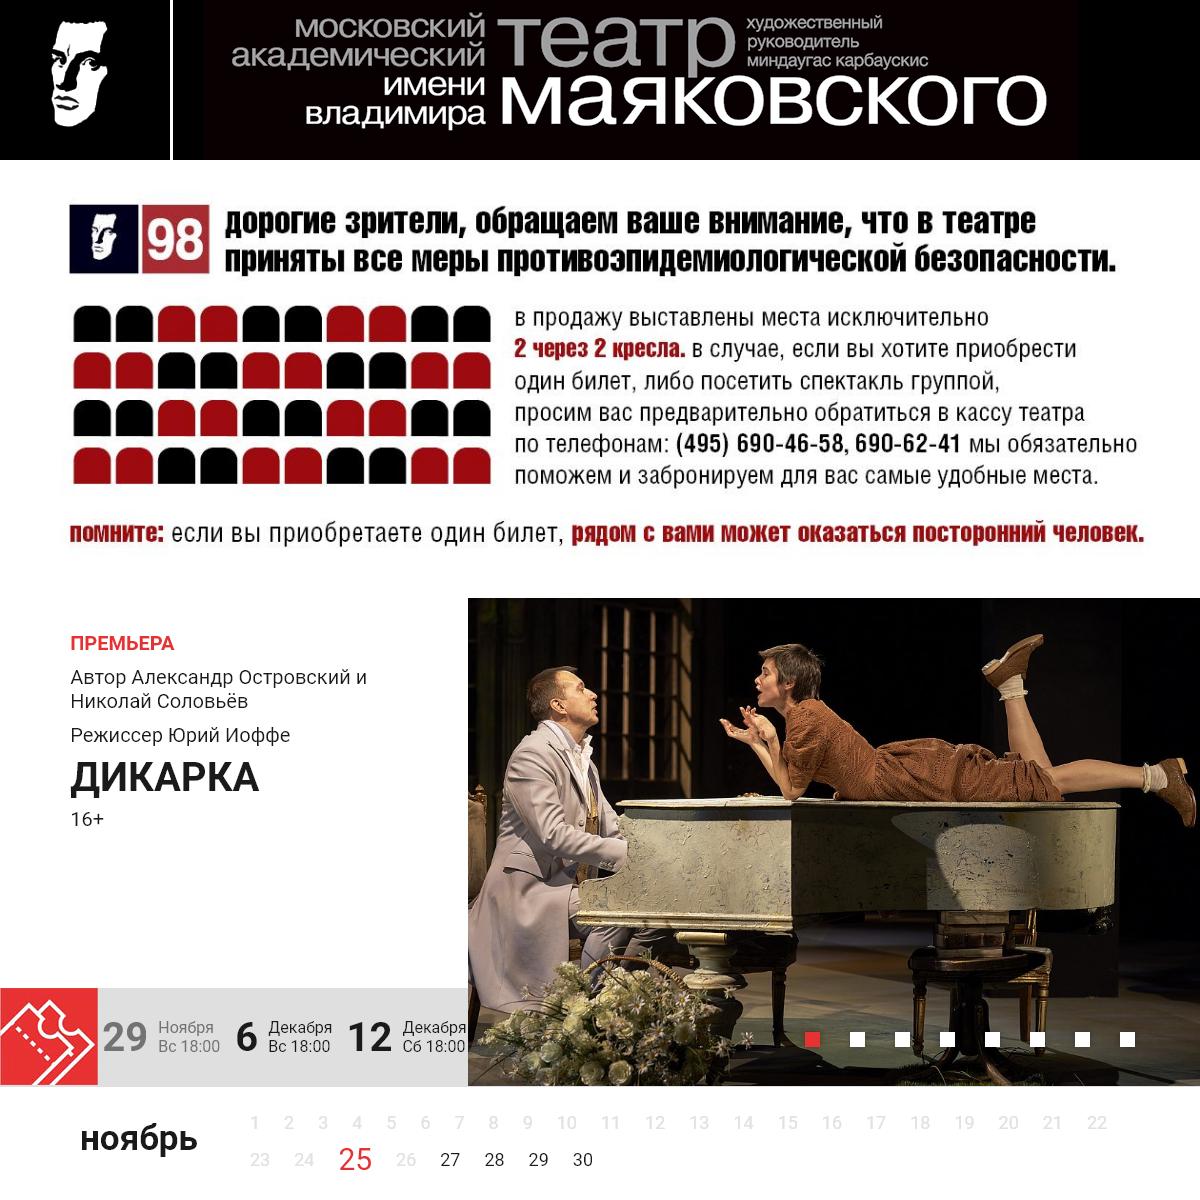 Московский академический театр имени Вл. Маяковского - официальный са